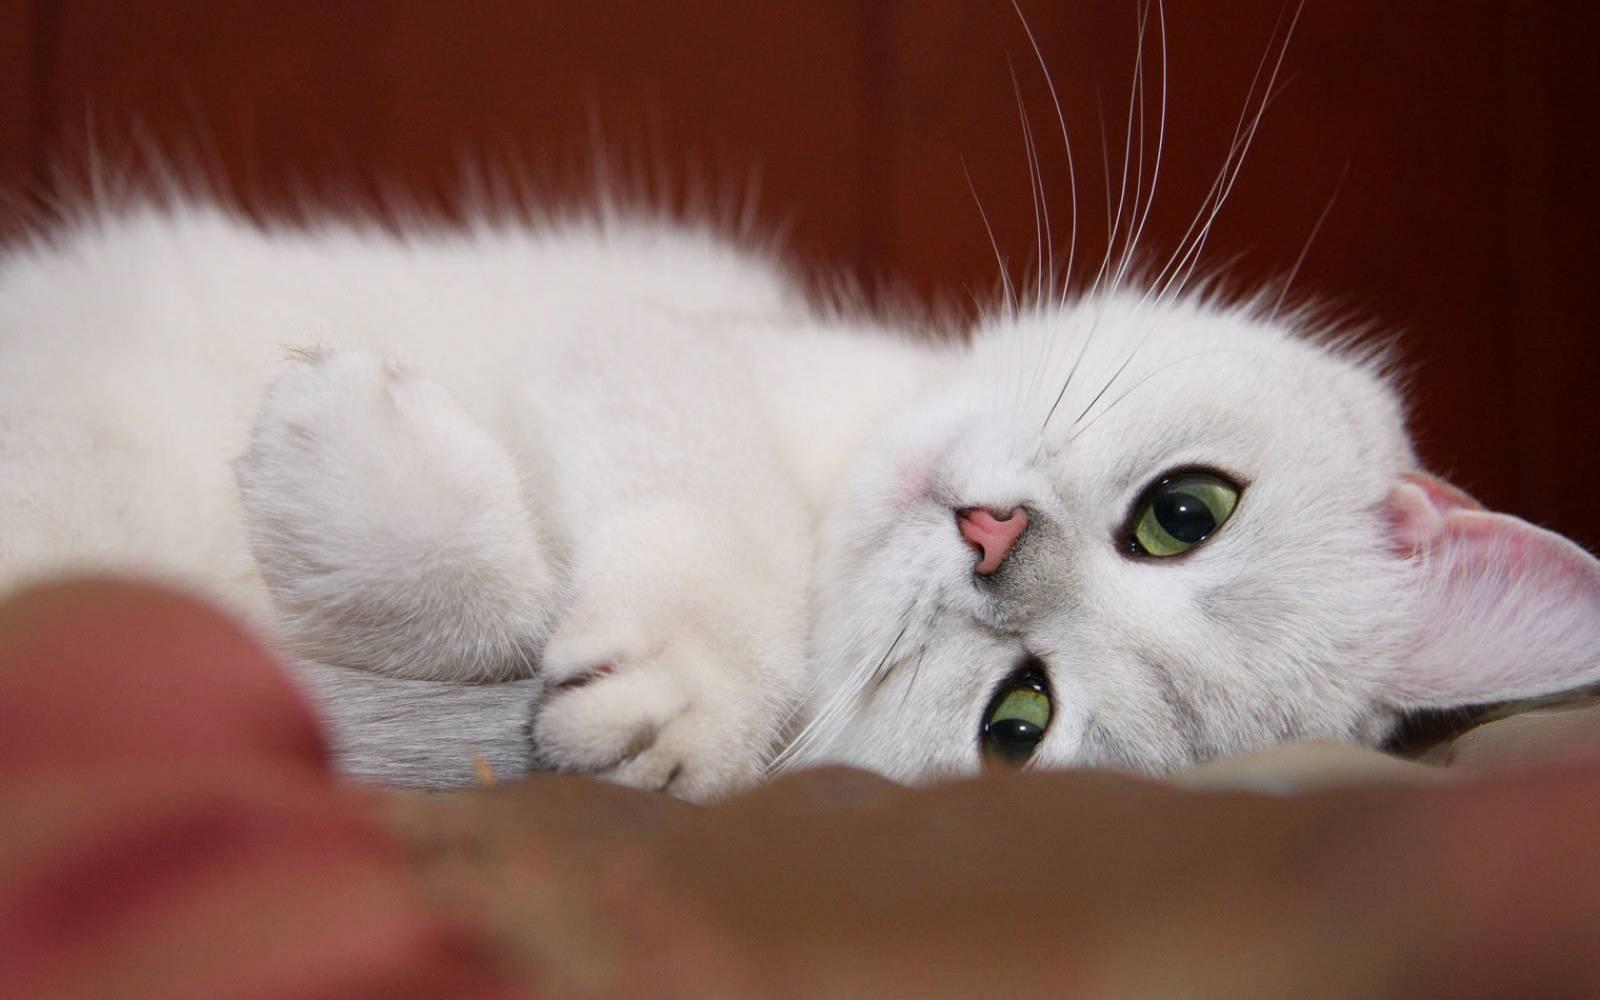 Белые коты - Обои для рабочего стола с ...: cotiki.ucoz.ru/photo/oboi_dlja_rabochego_stola_s_koshkami/bylye...